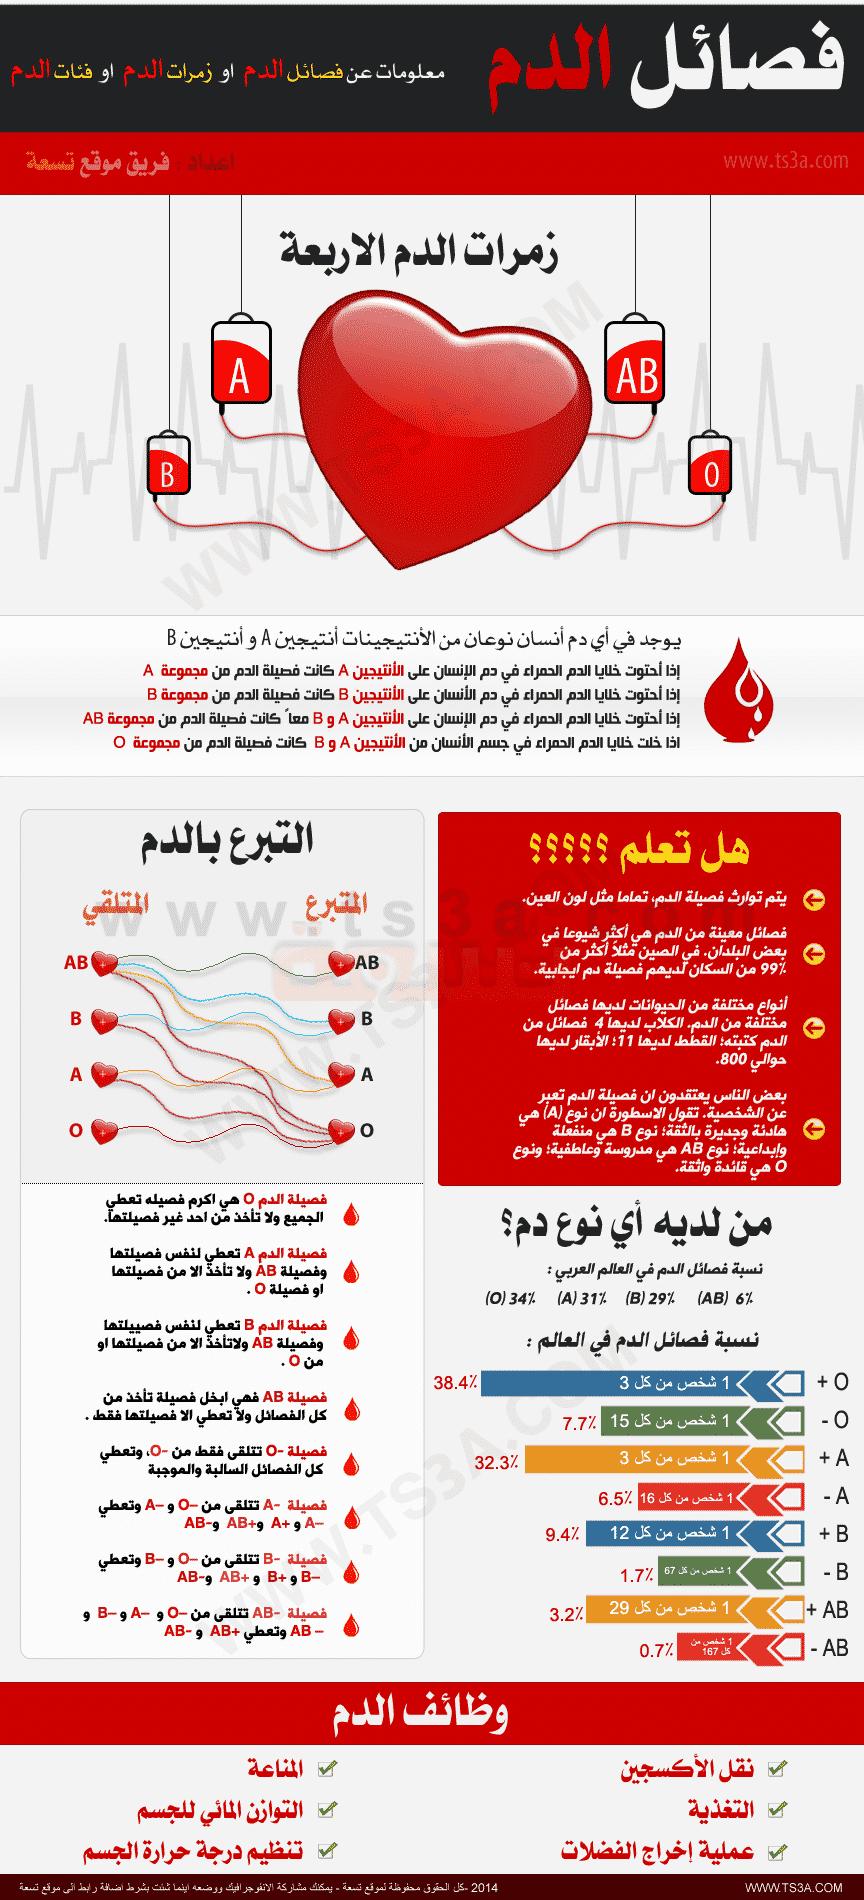 انفوجرافيك فئات الدم - موقع تسعة